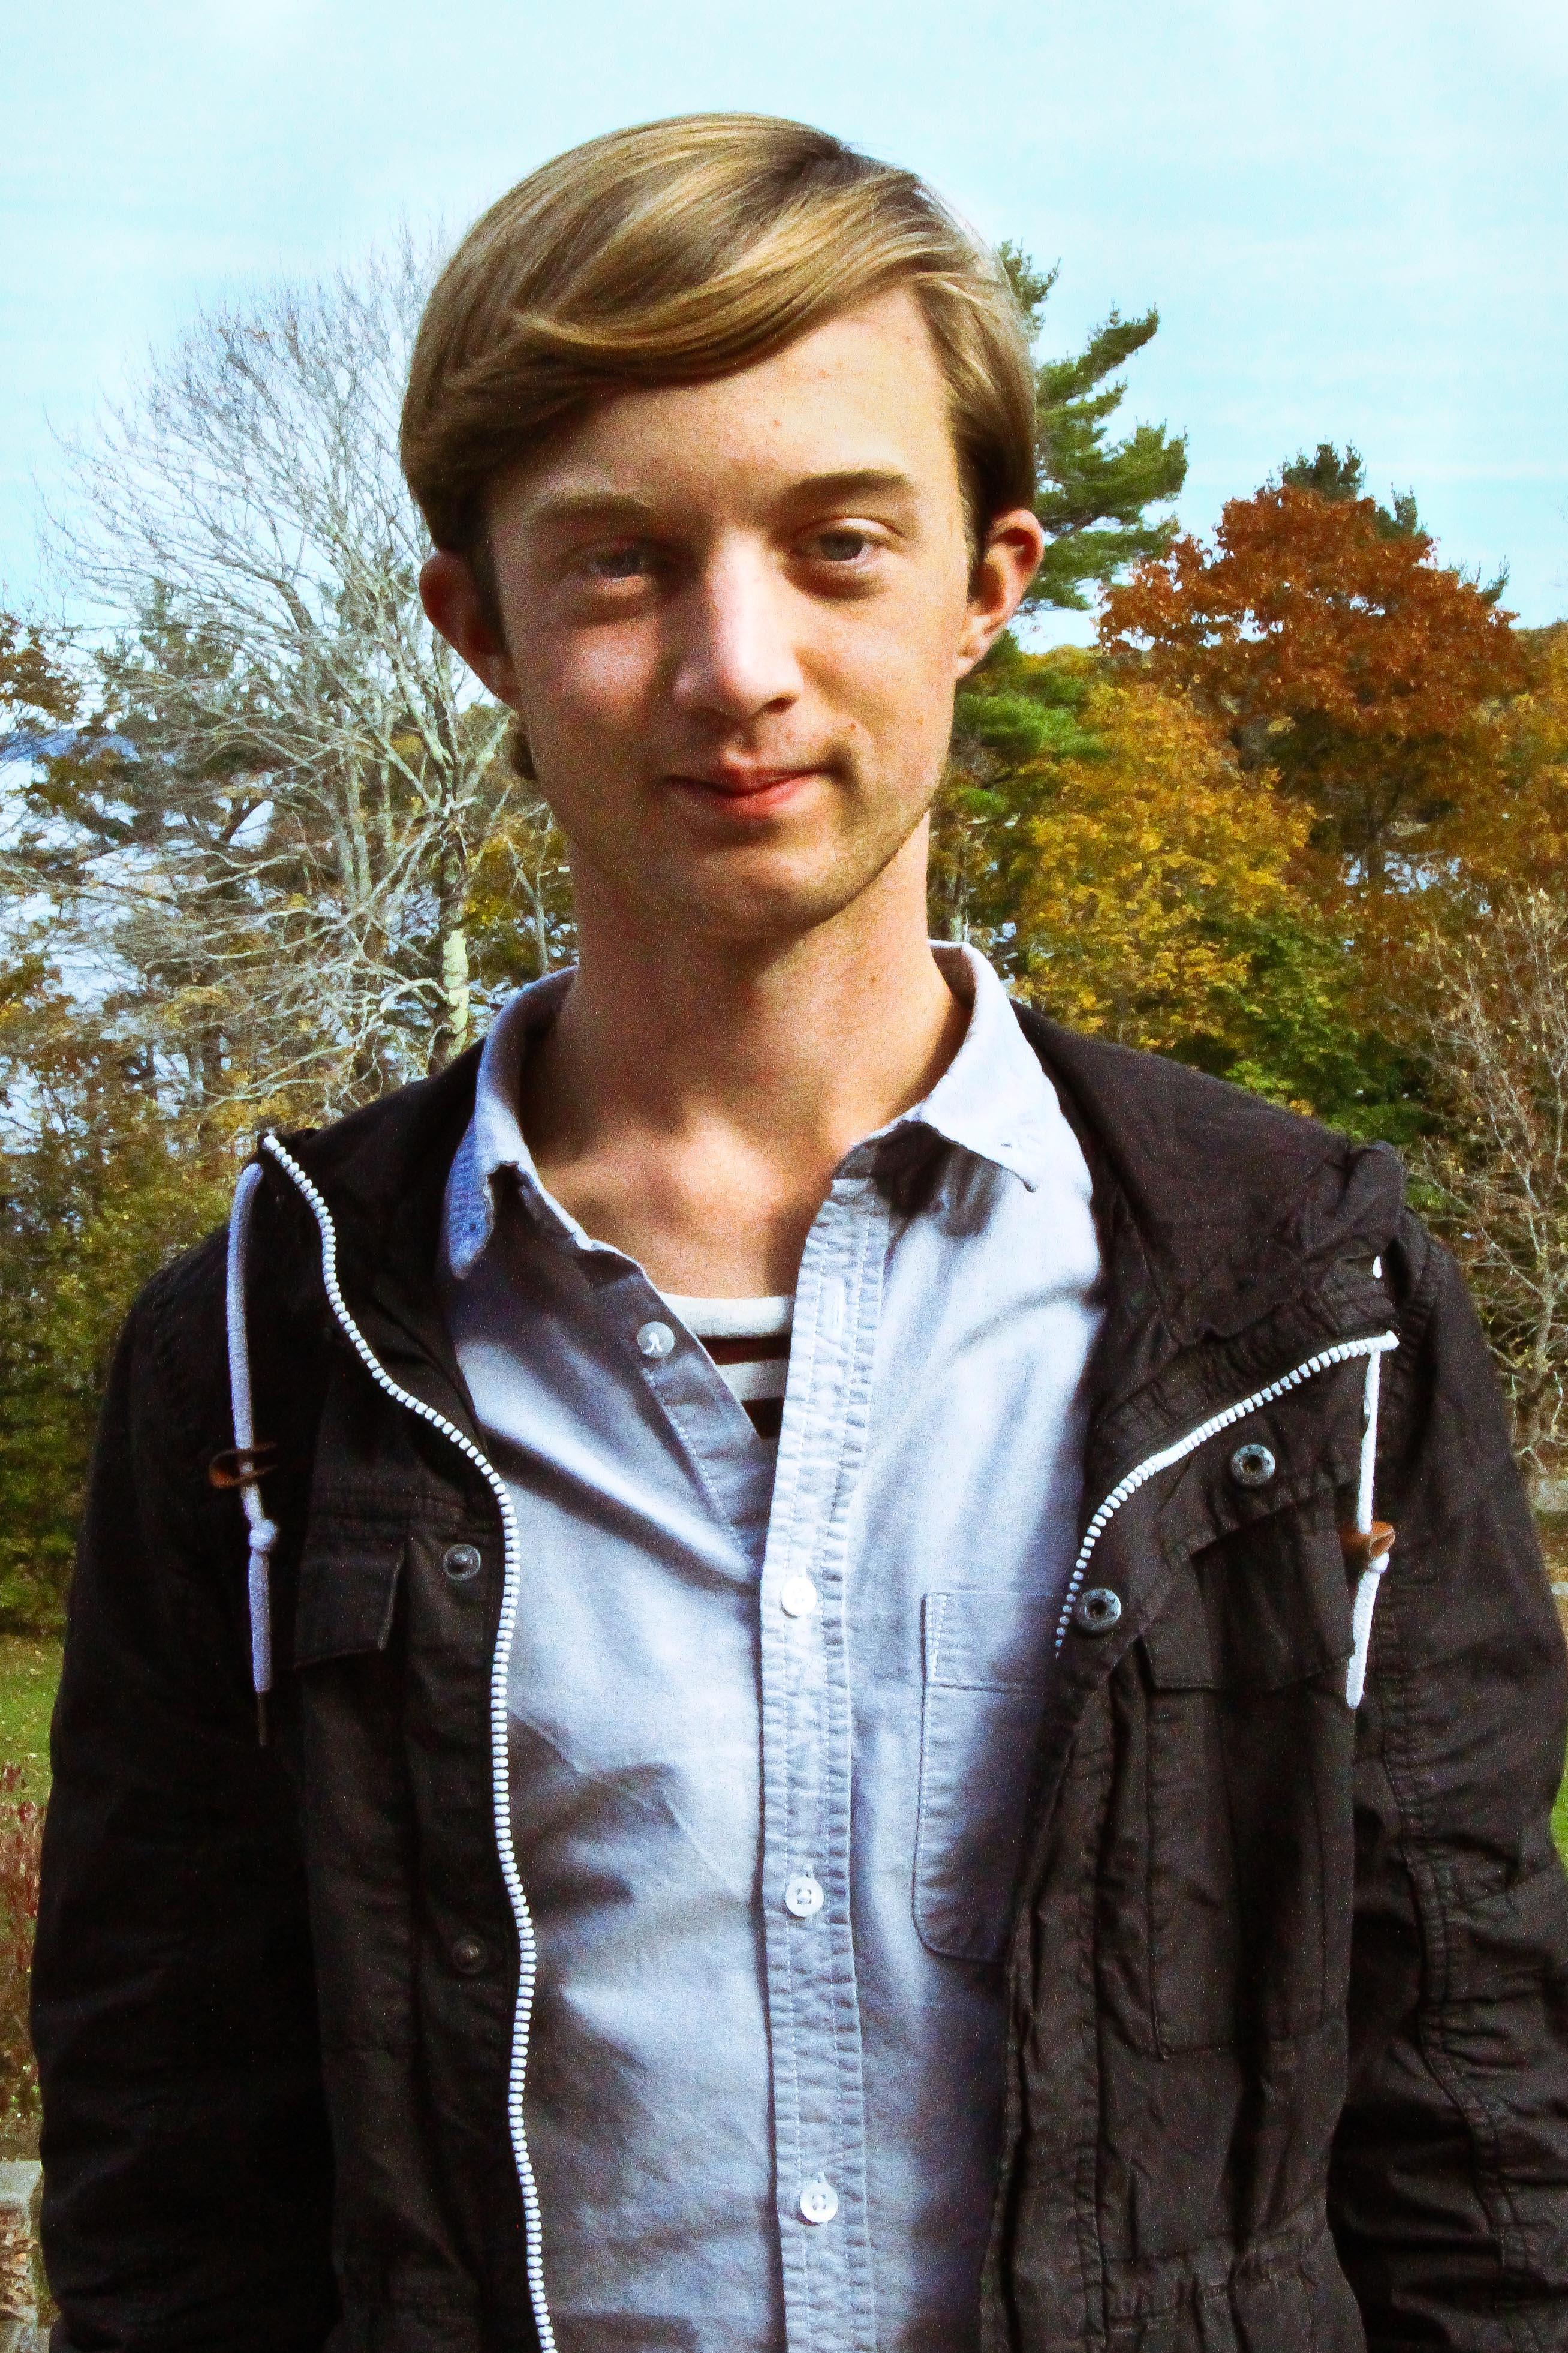 Lucas Burdick